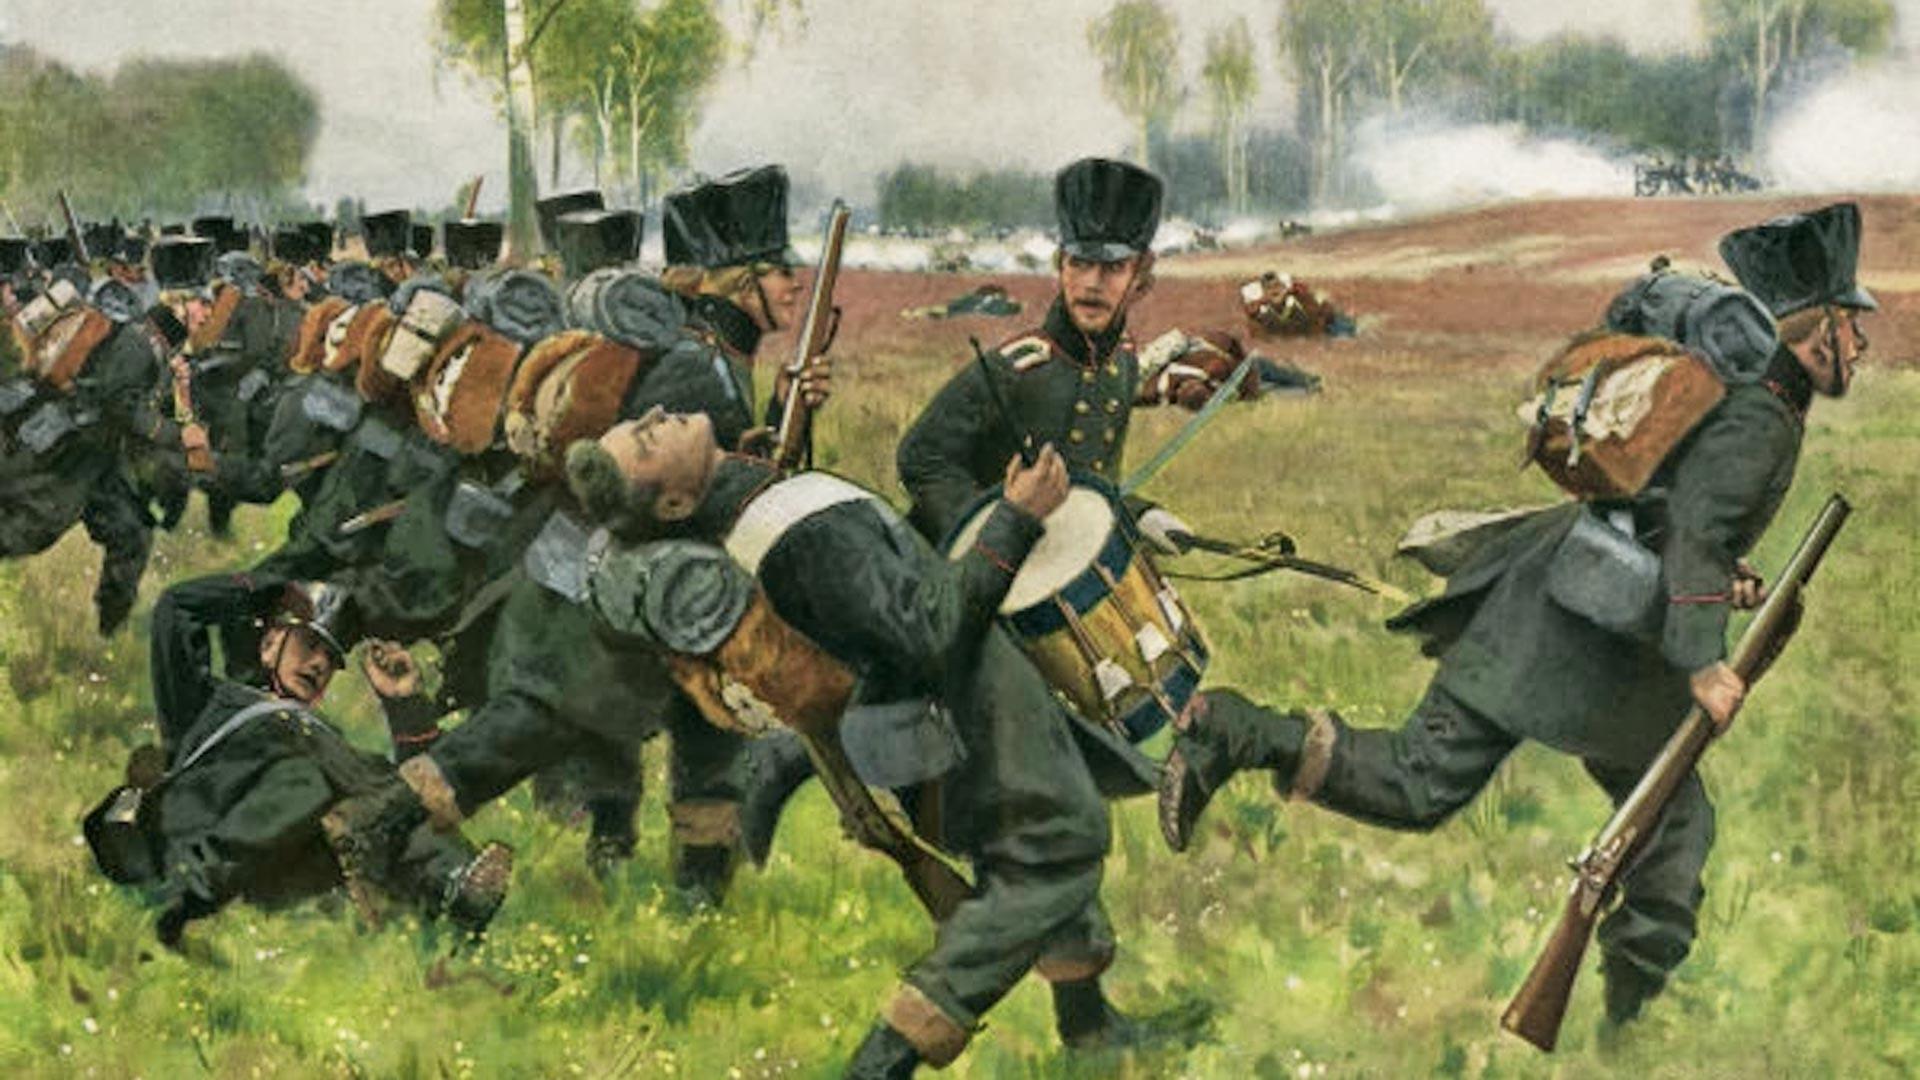 Une jeune femme soldat allemande tombe mortellement blessée lors de la bataille de la Göhrde en 1813